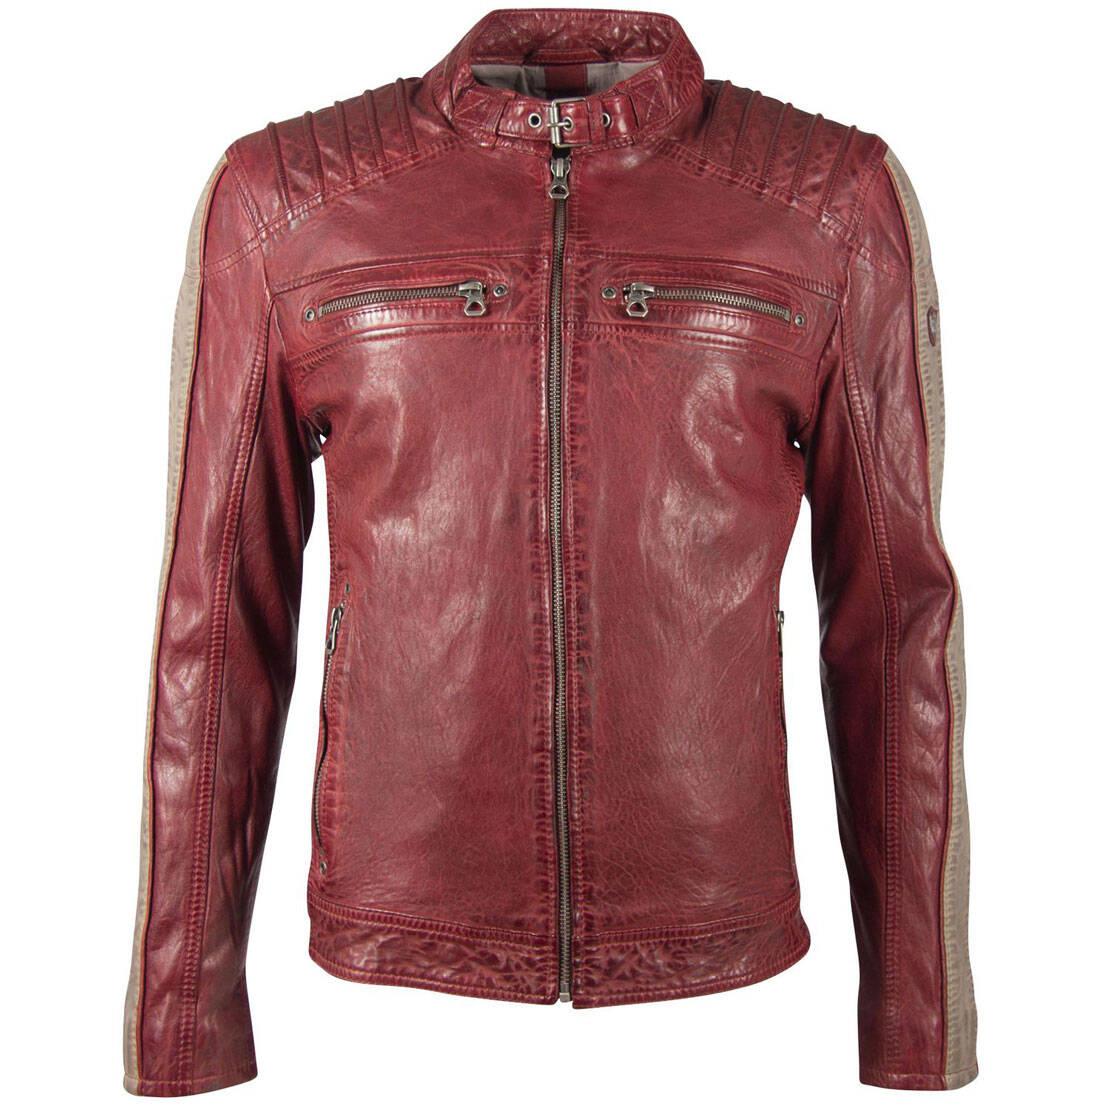 Vêtement en cuir Blousons cuir rouge, taupe